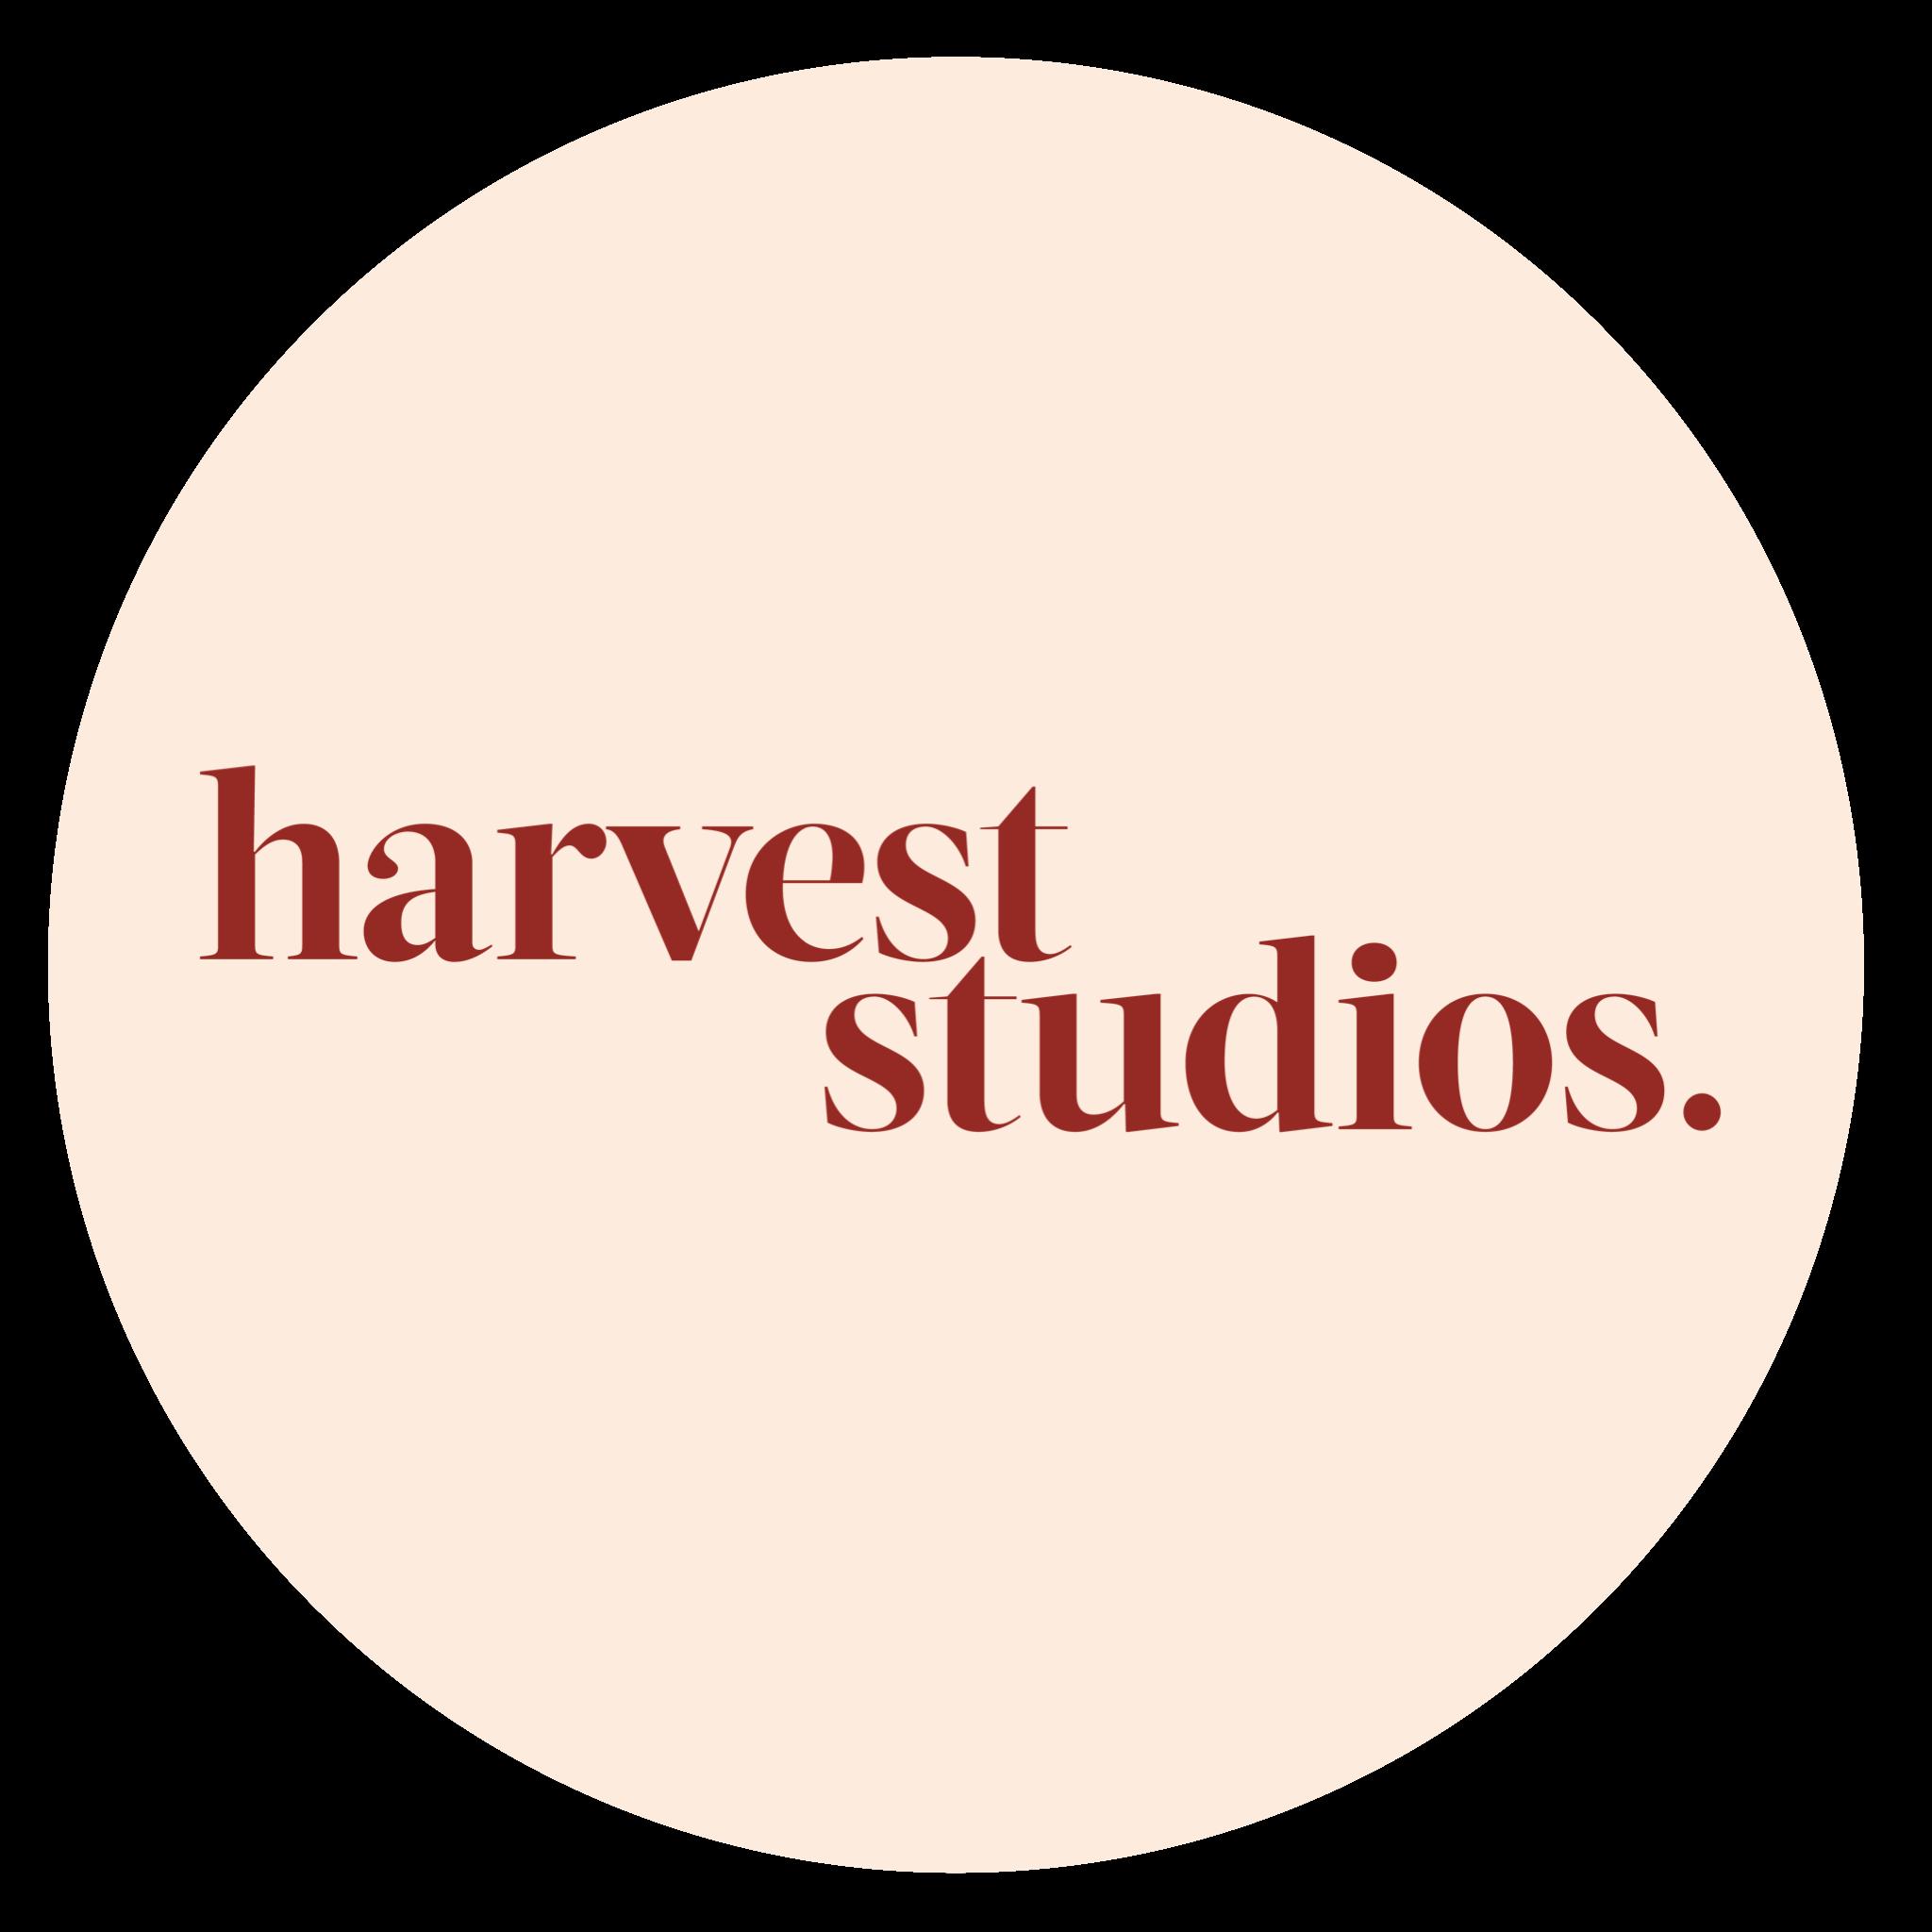 harvest-studios-logo.PNG